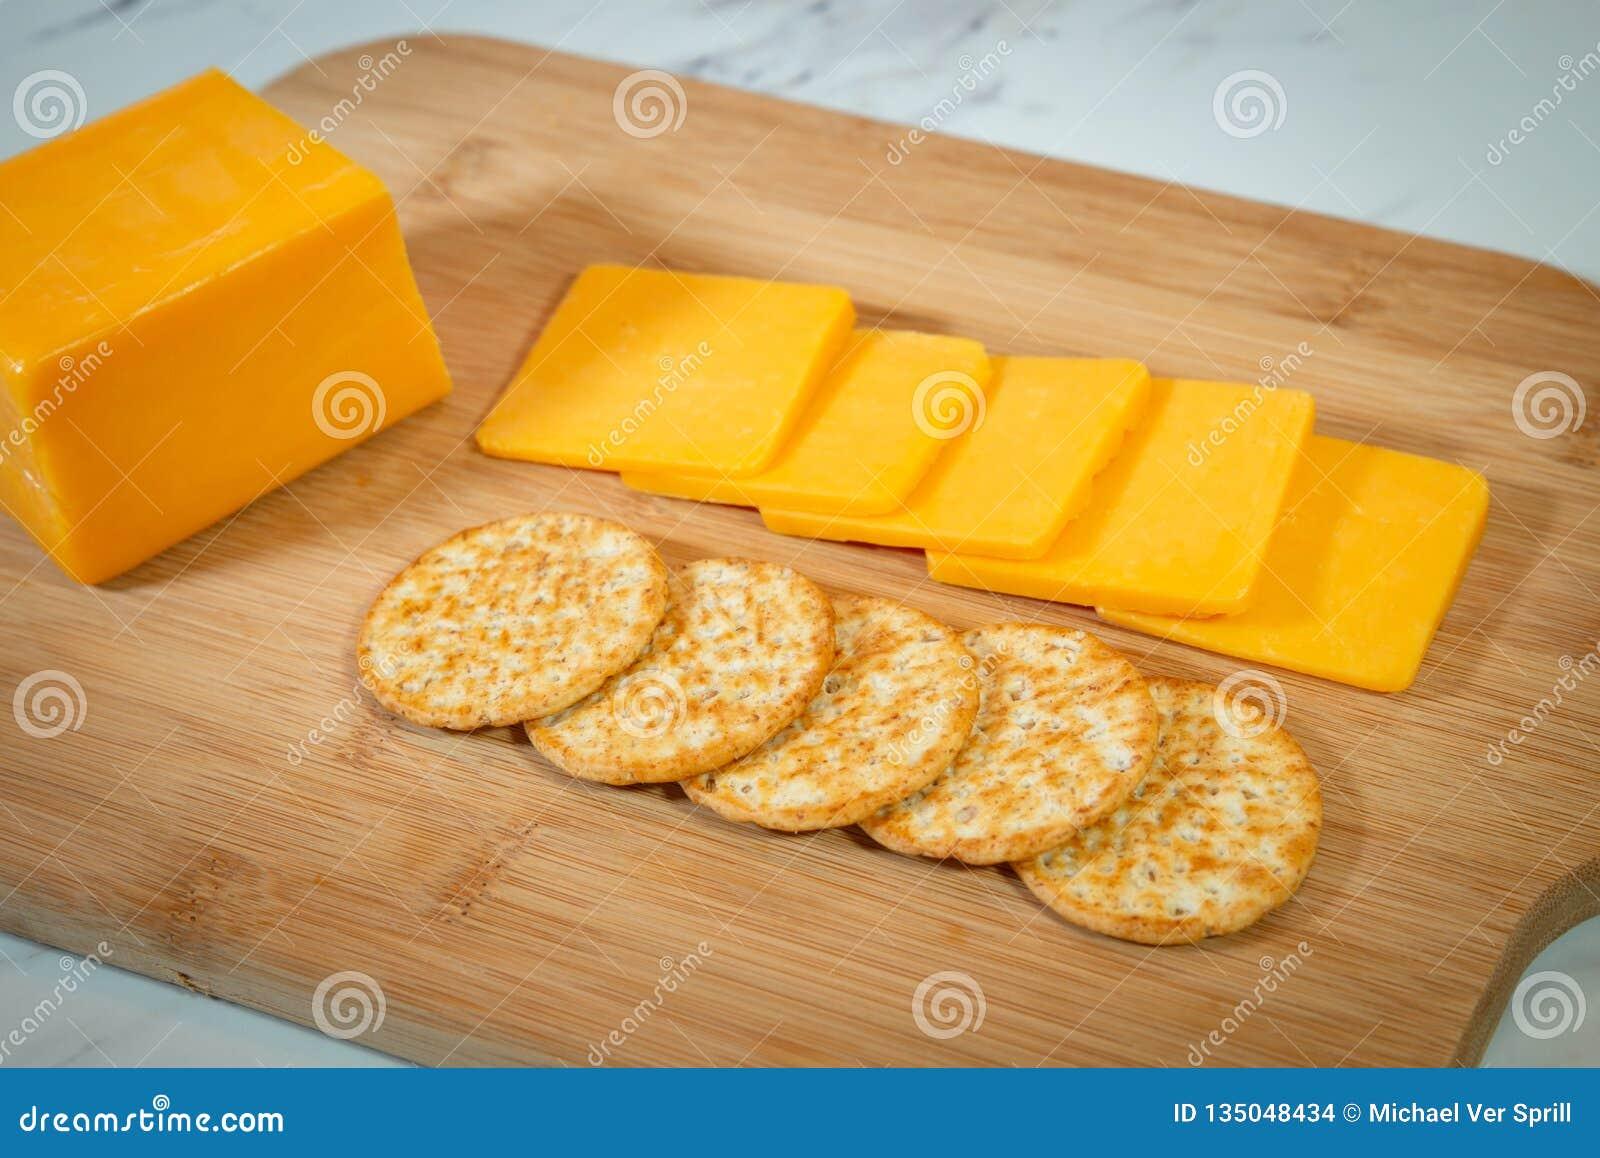 Fatias de queijo cheddar e de biscoitos em uma placa de corte